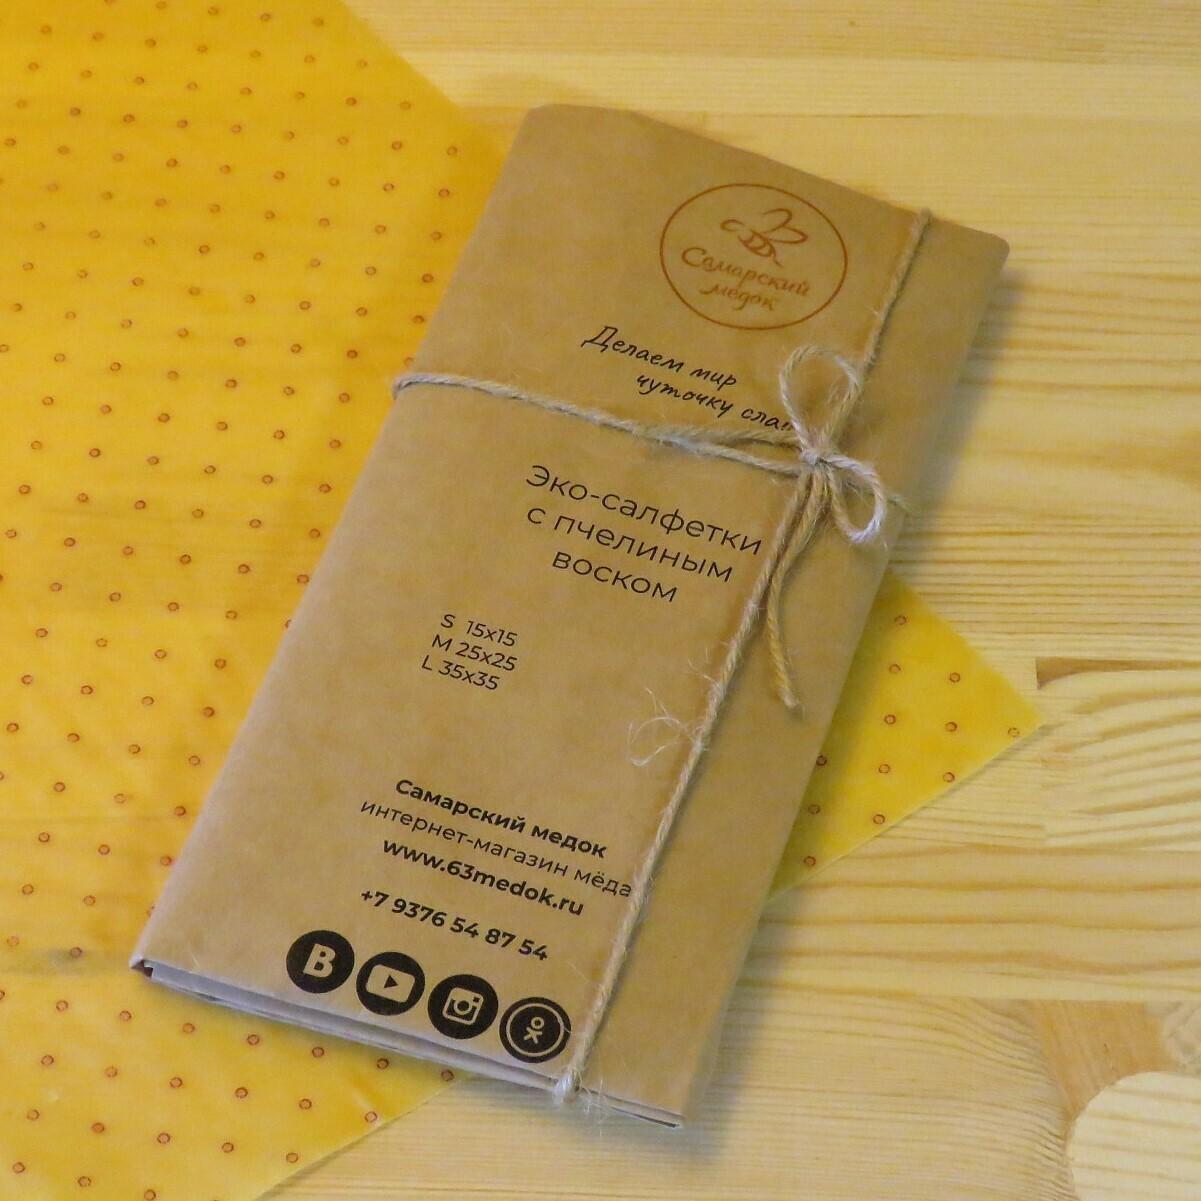 Набор эко-салфеток с пчелиным воском - 3 шт